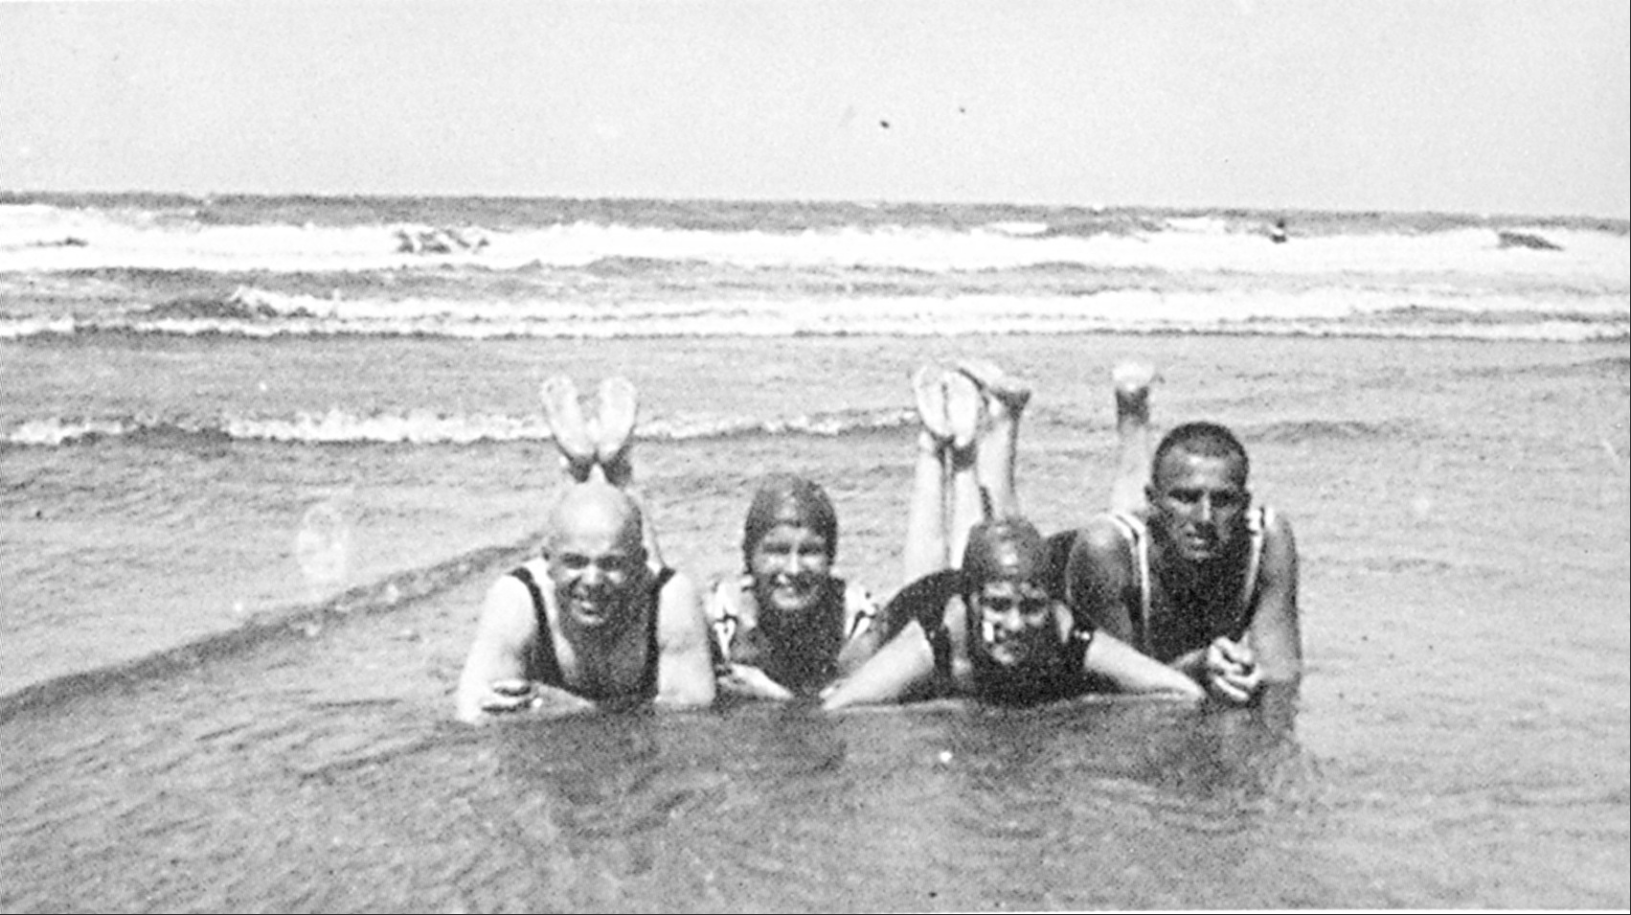 Chklóvski, R.S.Kuchner, Lilia Brik e Maiakóvski na praia, na ilha Norderney, na Alemanha, em 1923.